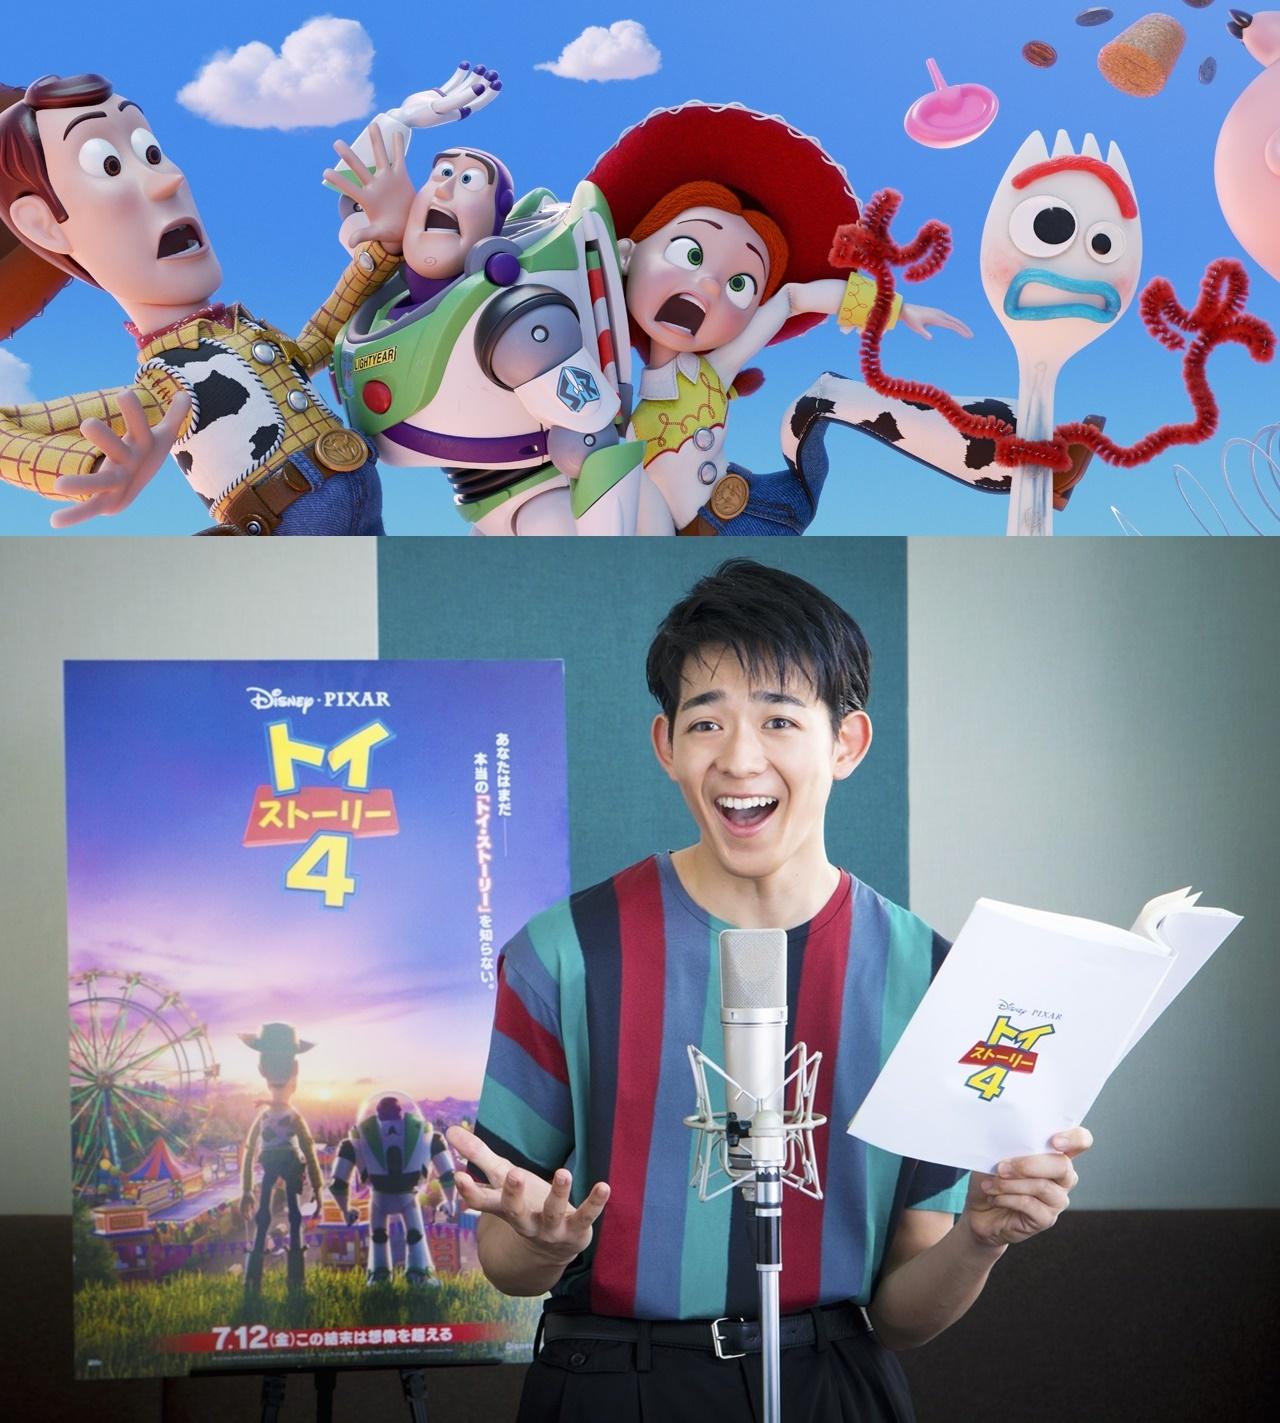 竜星涼(写真下) (C)2019 Disney/Pixar. All Rights Reserved.